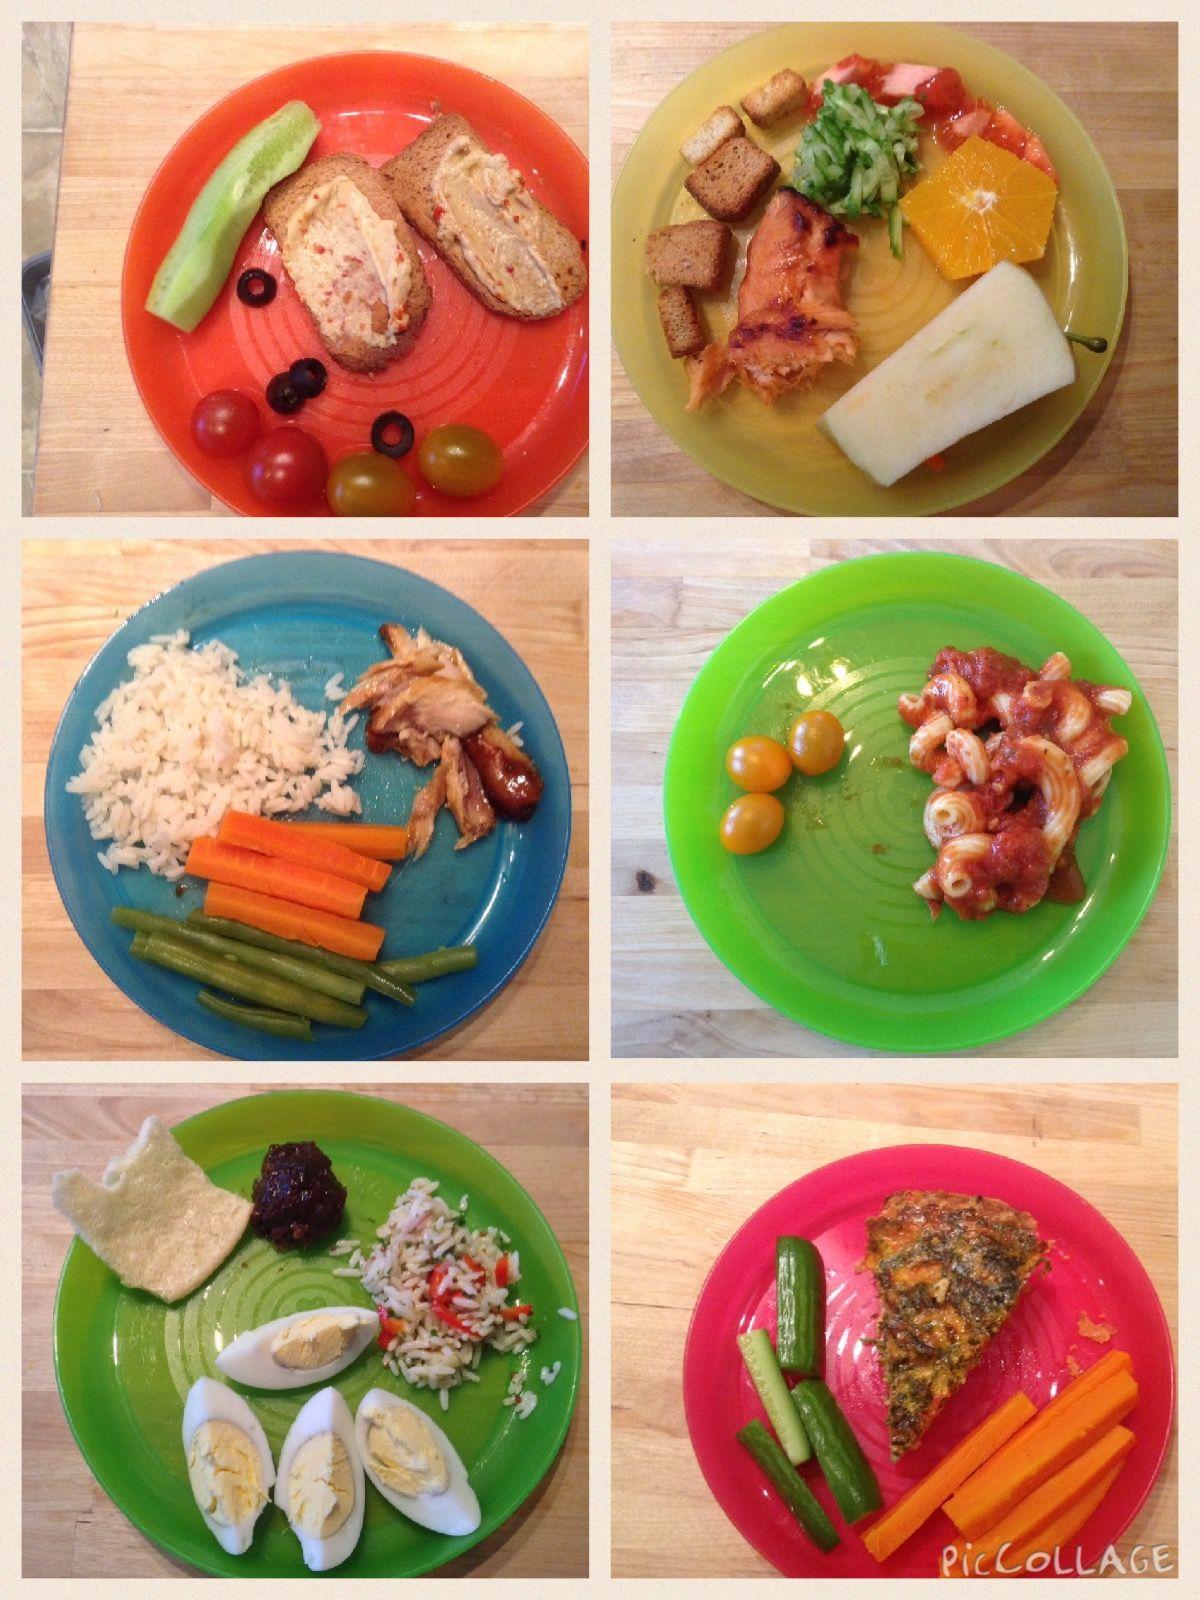 recette poulet bebe 15 mois un site culinaire populaire avec des recettes utiles. Black Bedroom Furniture Sets. Home Design Ideas